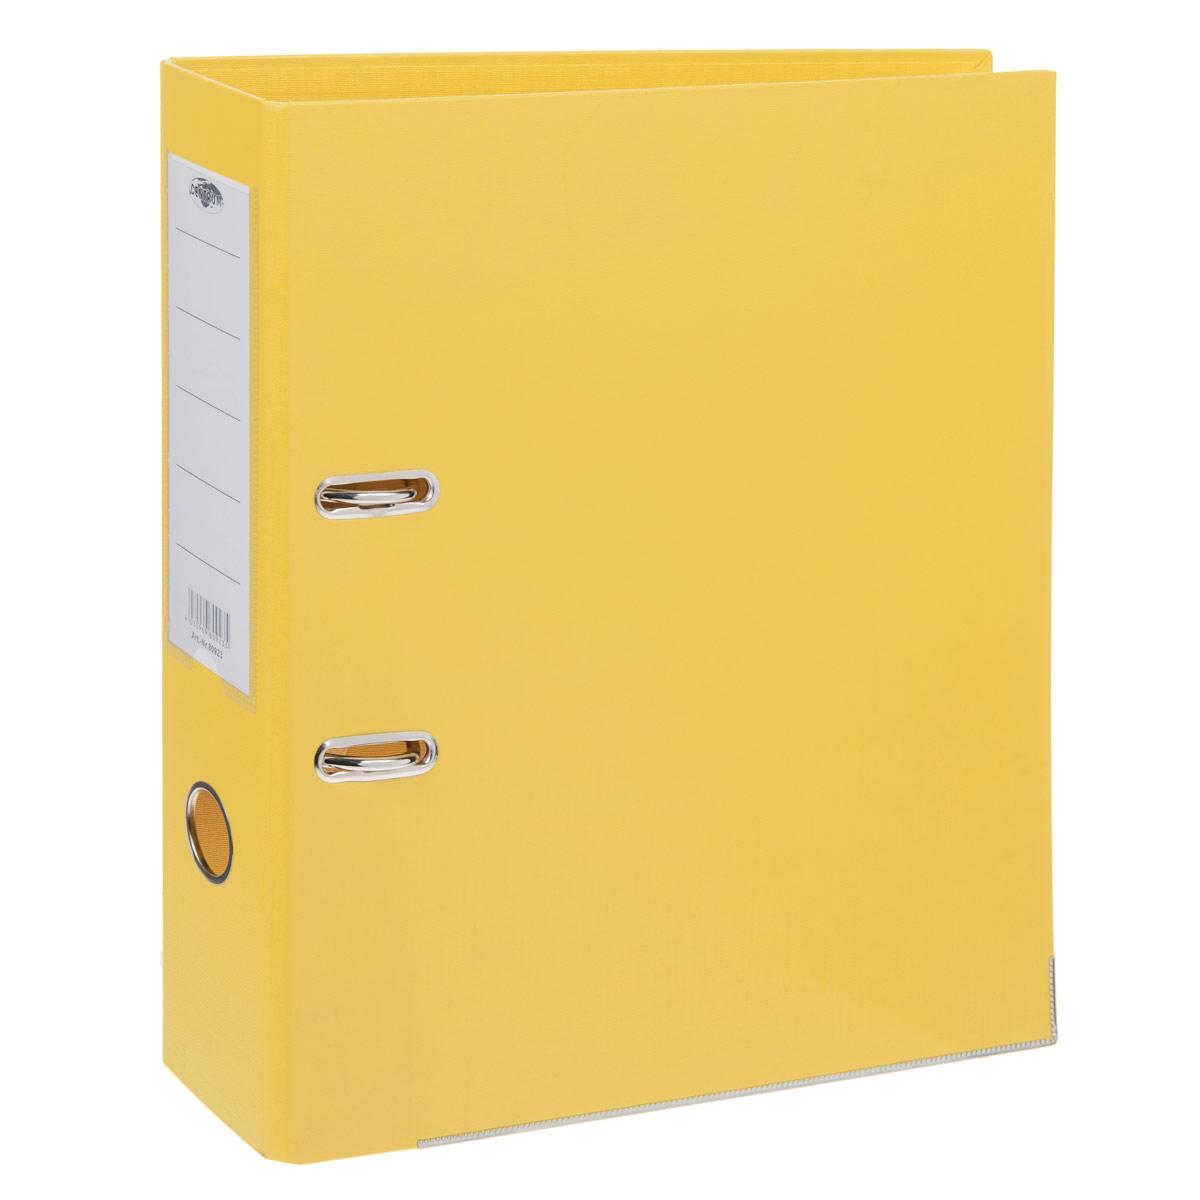 Папка-регистратор Centrum, ширина корешка 75 мм, цвет: желтыйAC4_11264Папка-регистратор Centrum пригодится в каждом офисе и доме для хранения больших объемов документов. Внешняя сторона папки выполнена из плотного картона с двусторонним ПВХ-покрытием, что обеспечивает устойчивость к влаге и износу. Нижняя кромка папки защищена от истирания металлической окантовкой. Папка-регистратор оснащена надежным арочным механизмом крепления бумаги. Круглое отверстие в корешке папки облегчит ее извлечение с полки, а прозрачный карман со съемной этикеткой позволяет маркировать содержимое. Ширина корешка 7,5 см.